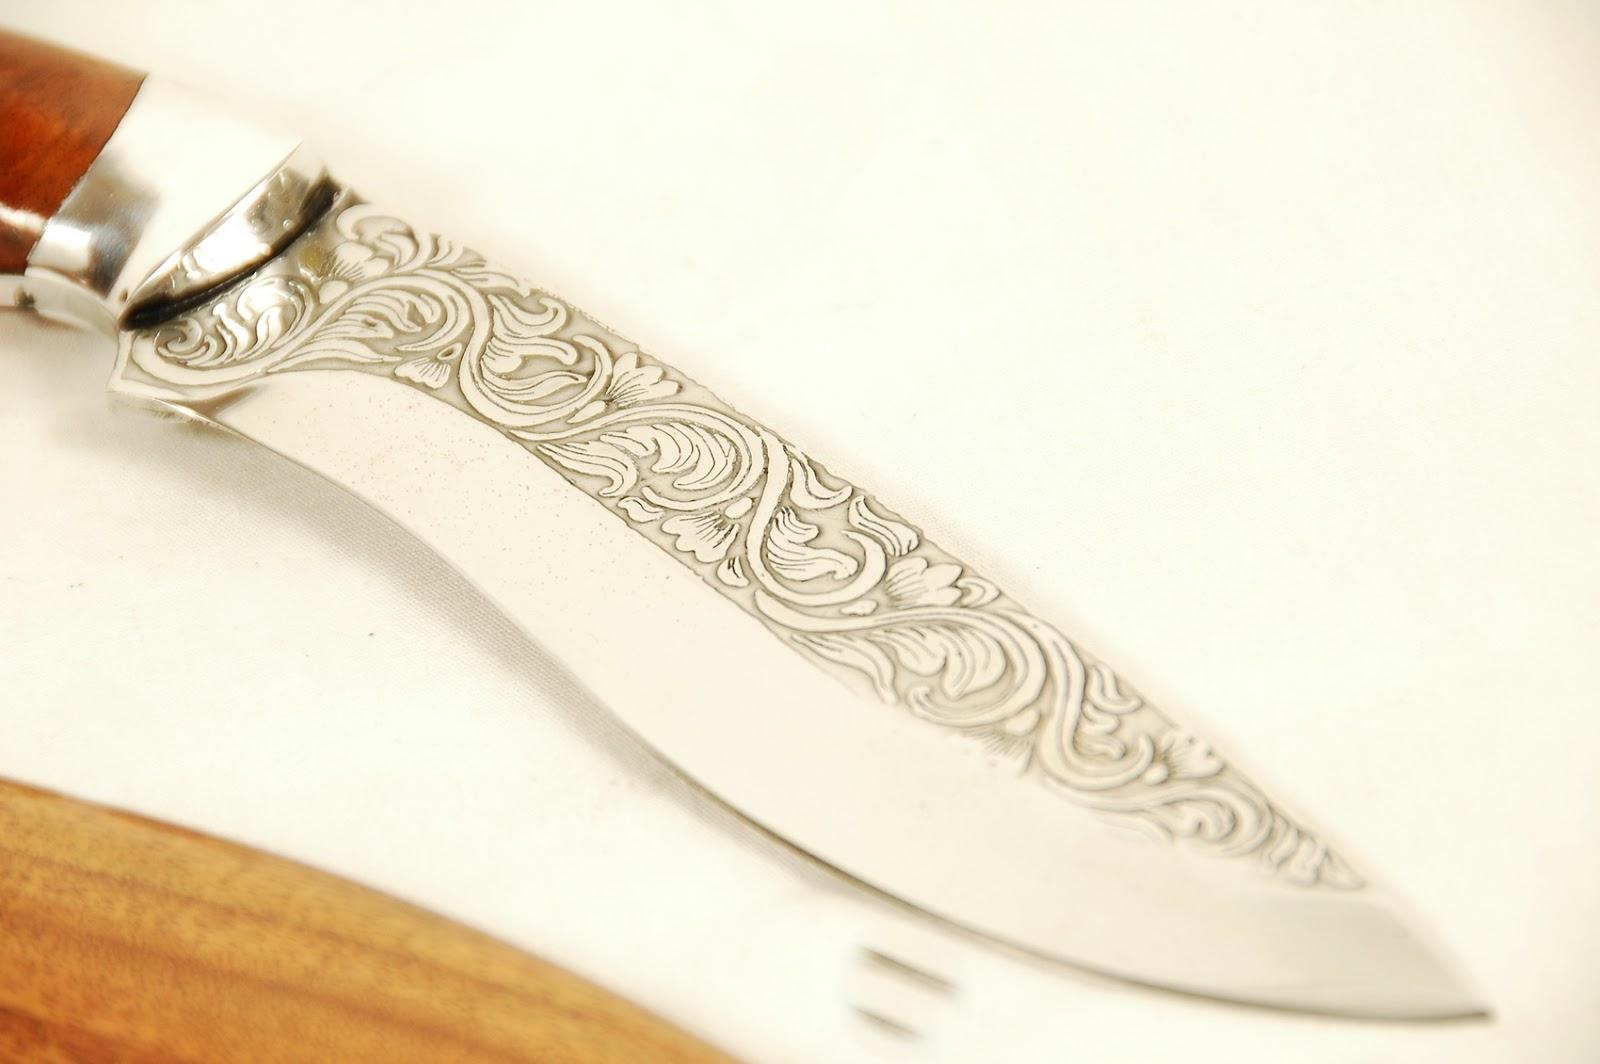 Как сделать гравировку на ноже в домашних условиях своими руками 74